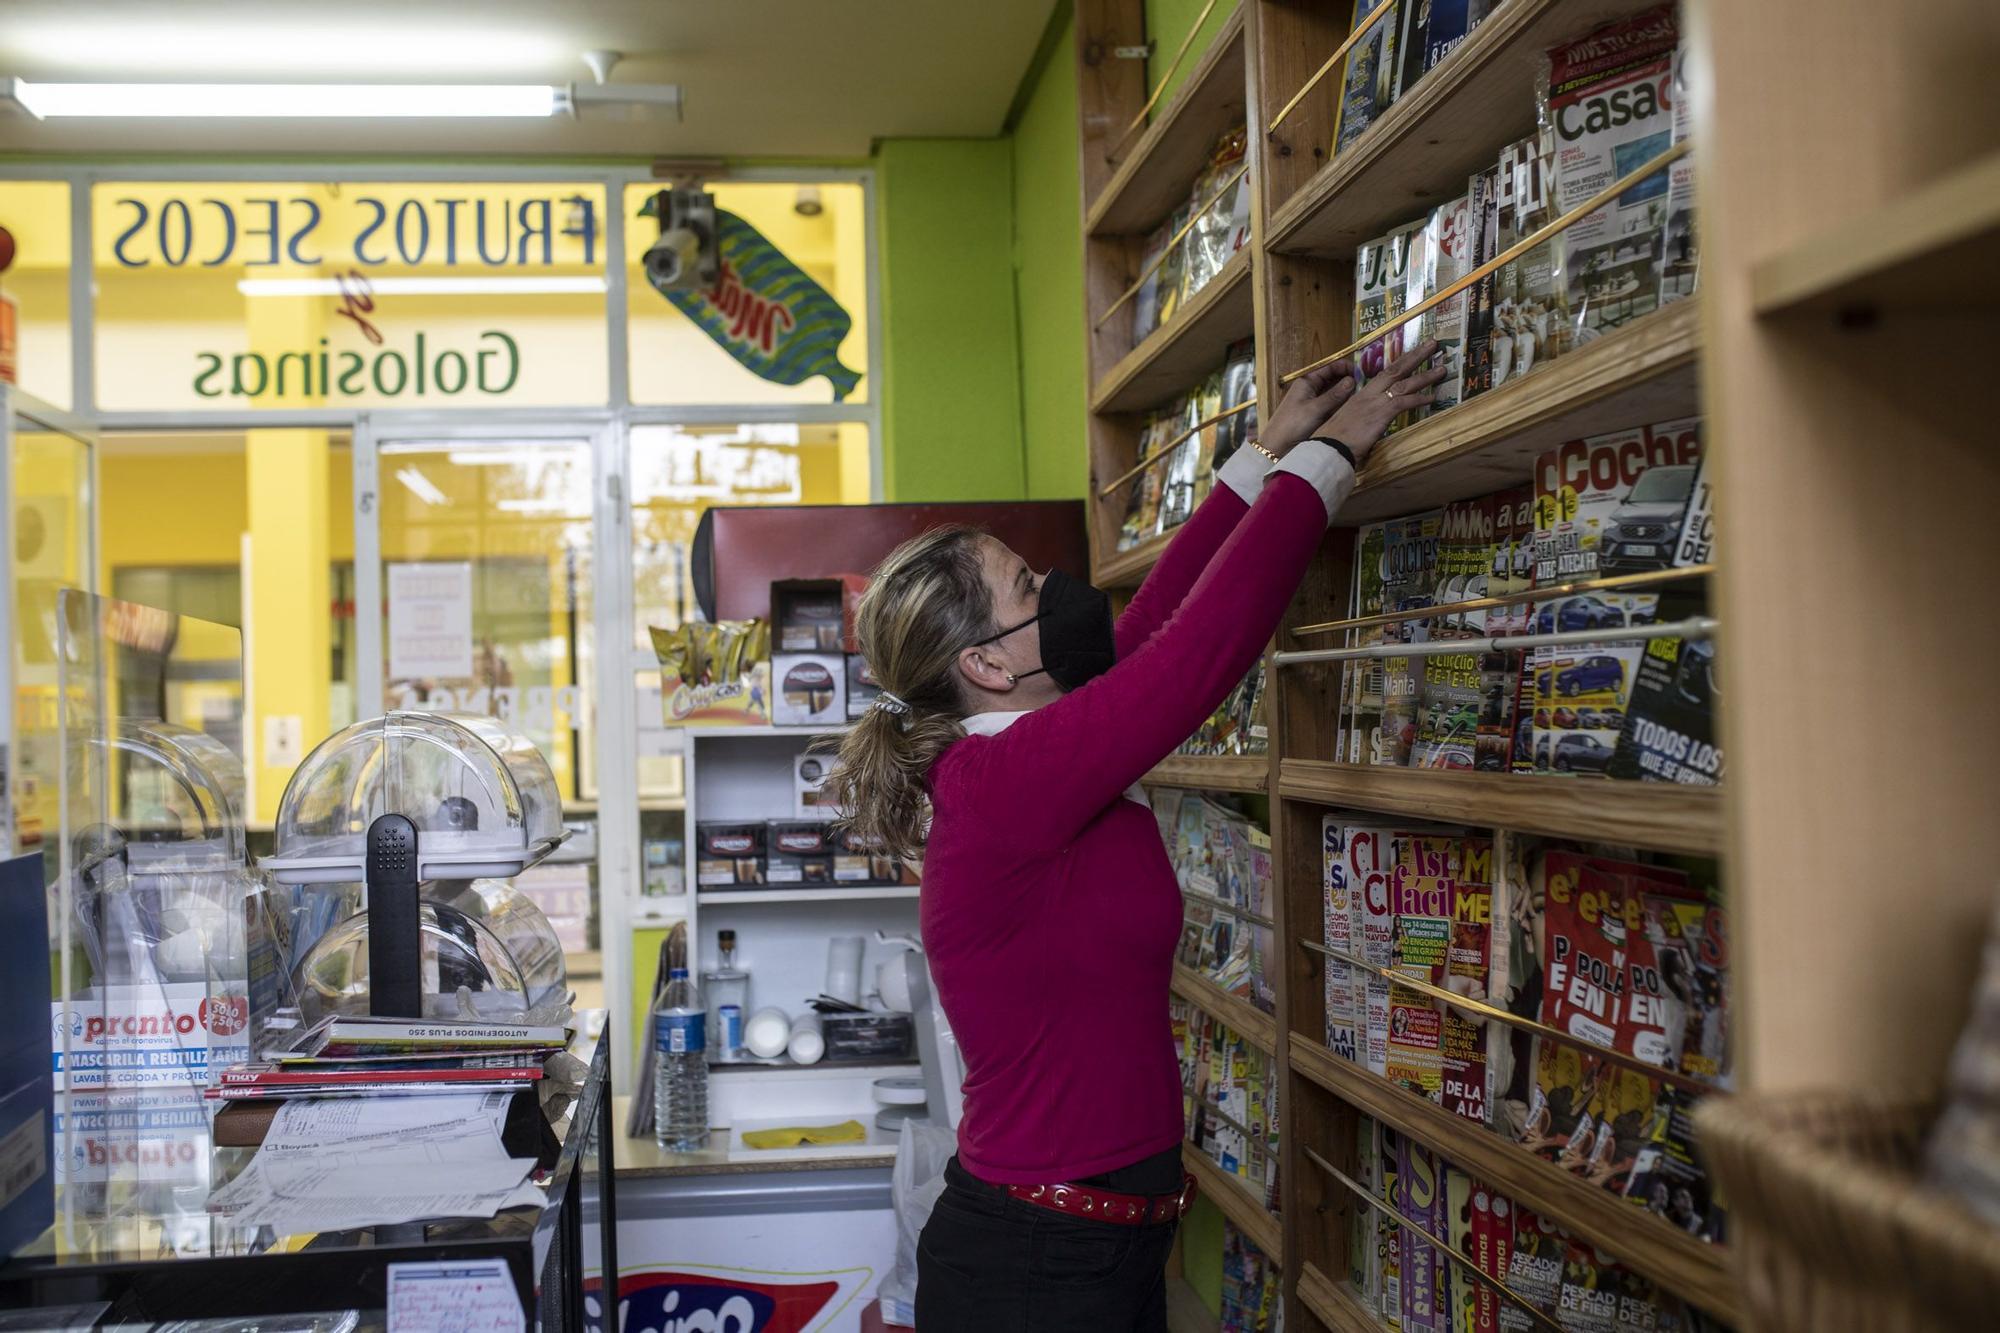 Zamora, vidas al límite | La estación de autobuses languidece sin viajeros